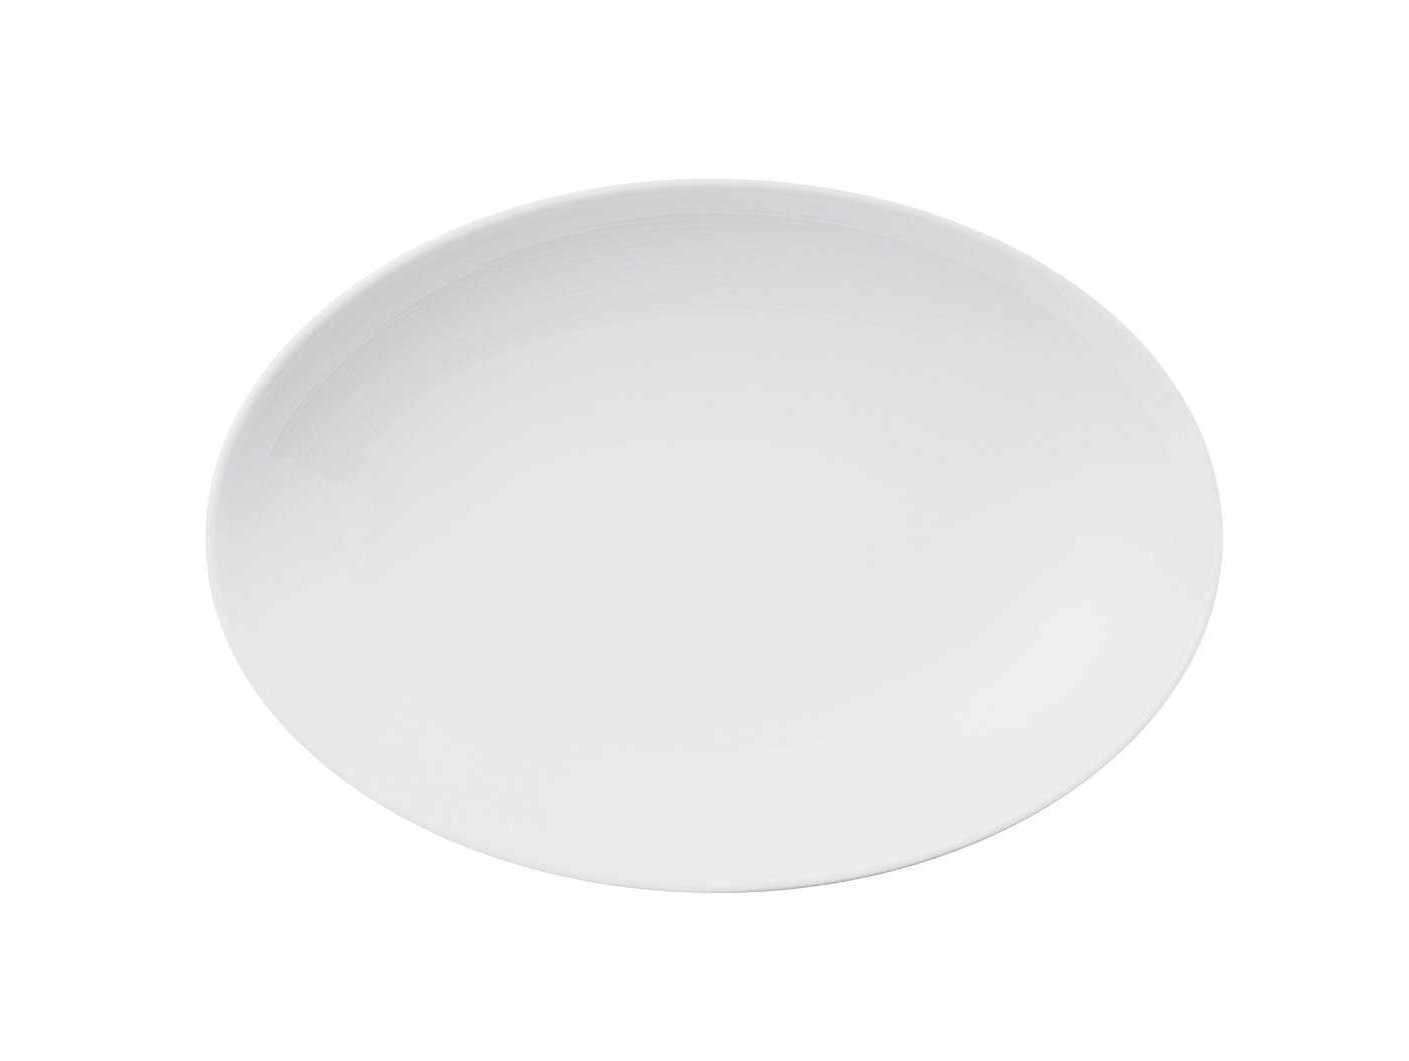 Онлайн каталог PROMENU: Блюдо овальное глубокое Rosenthal Loft, длина 27 см, белый Rosenthal 11900-800001-12527